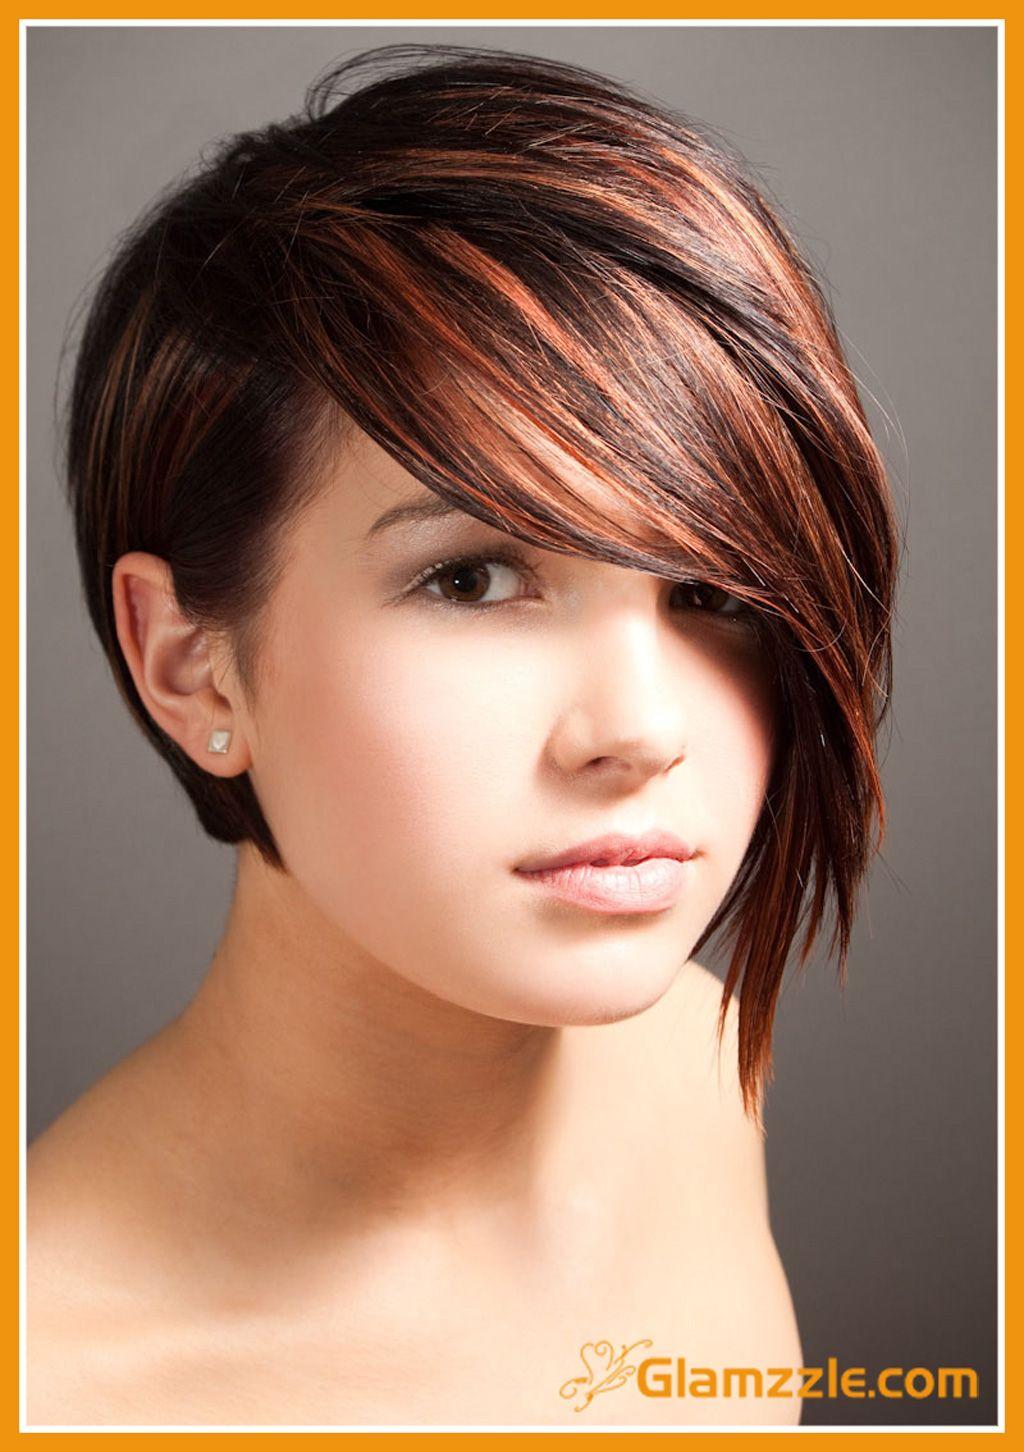 Susse Frisuren Fur Junge Frauen 2018 Frisurenfurjungefrauen